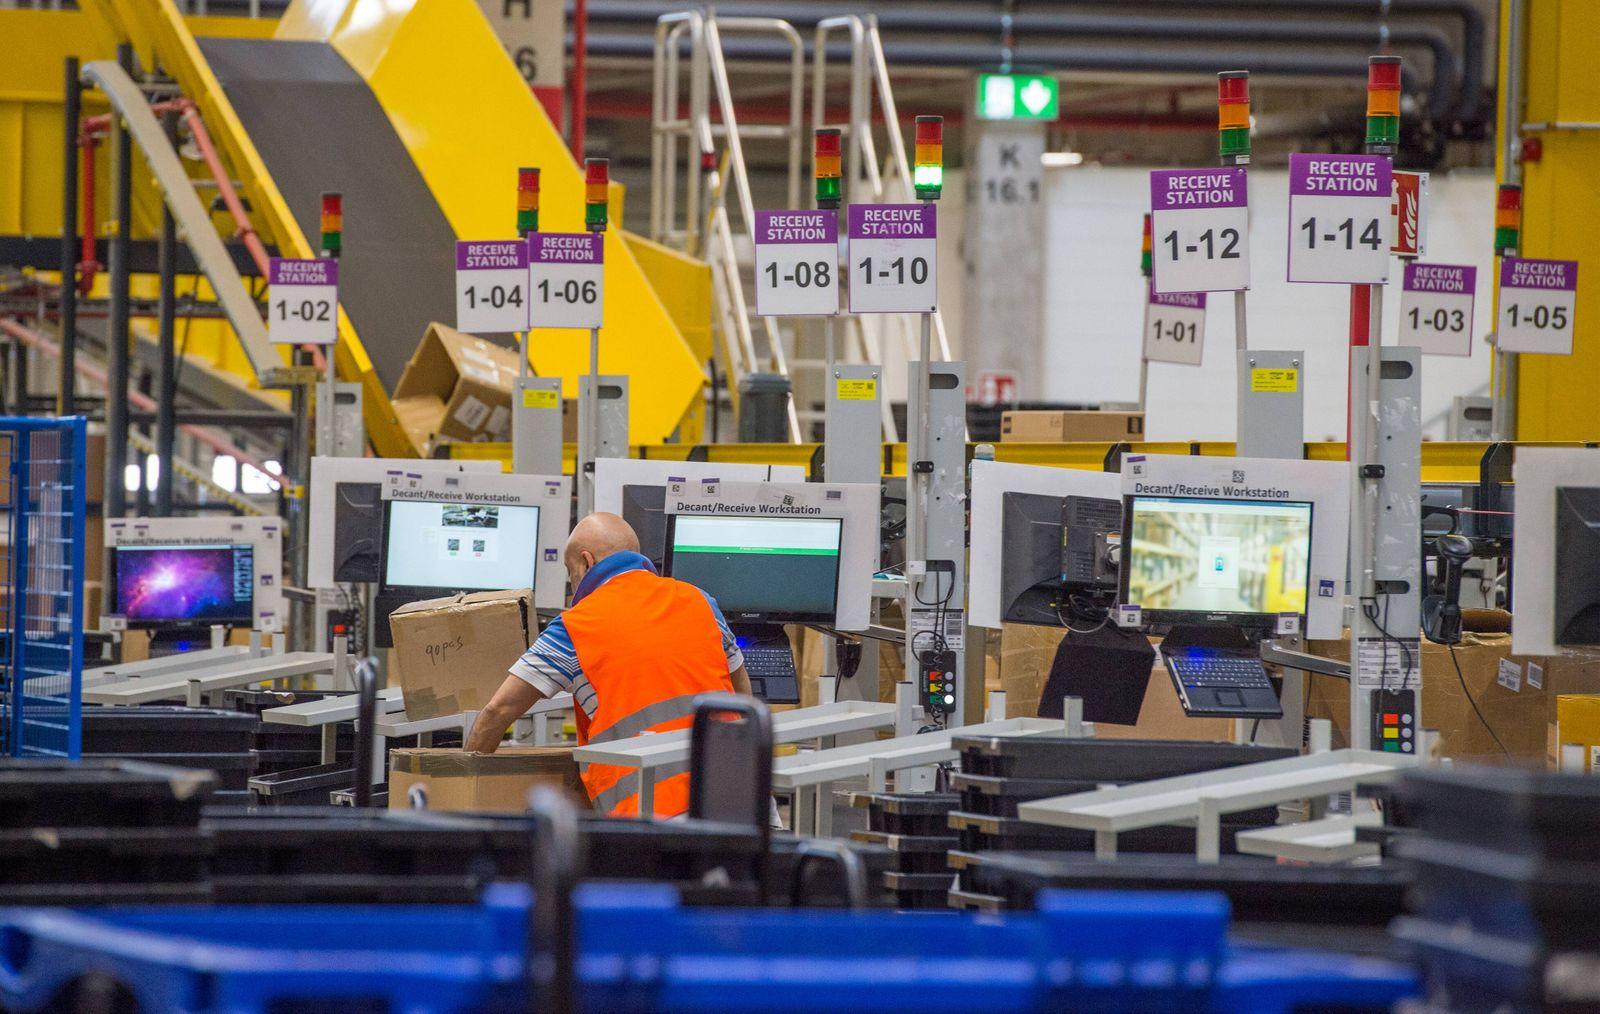 Logistiklager HAM2 von Amazon in Winsen Receive Feld Winsen *** Logistics warehouse HAM2 from Ama